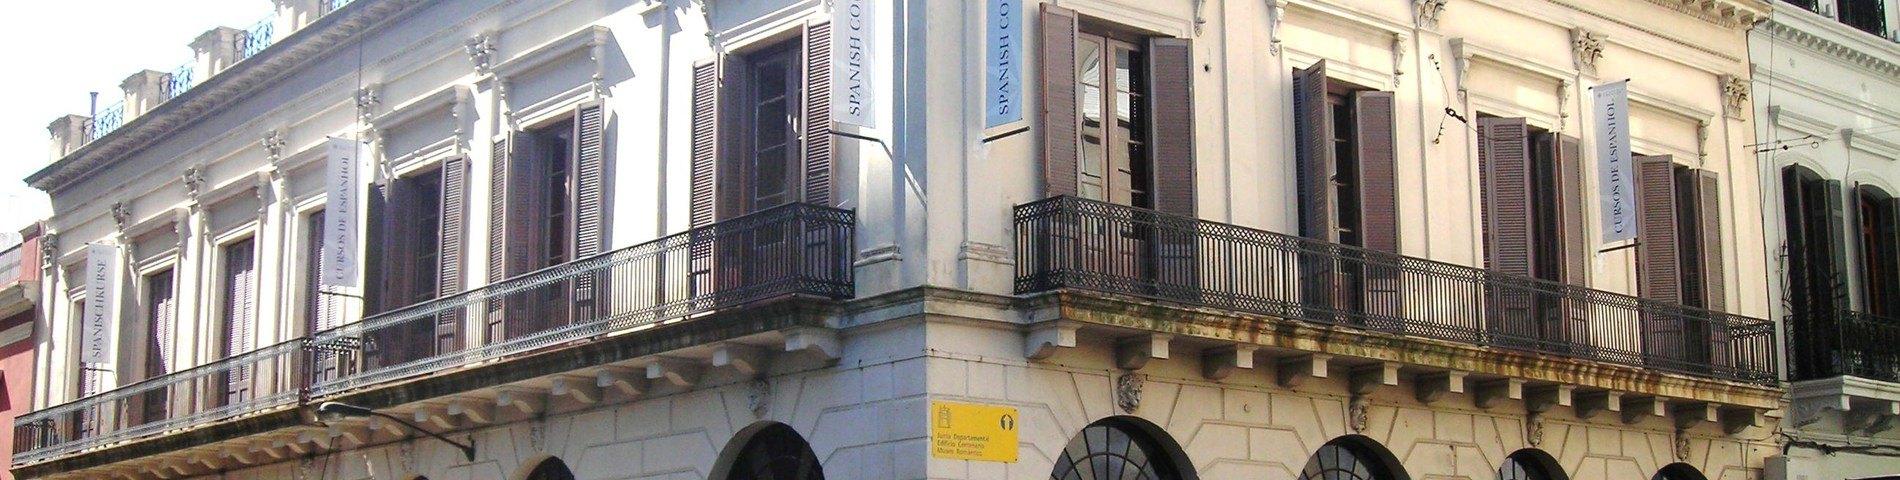 Academia Uruguay صورة 1